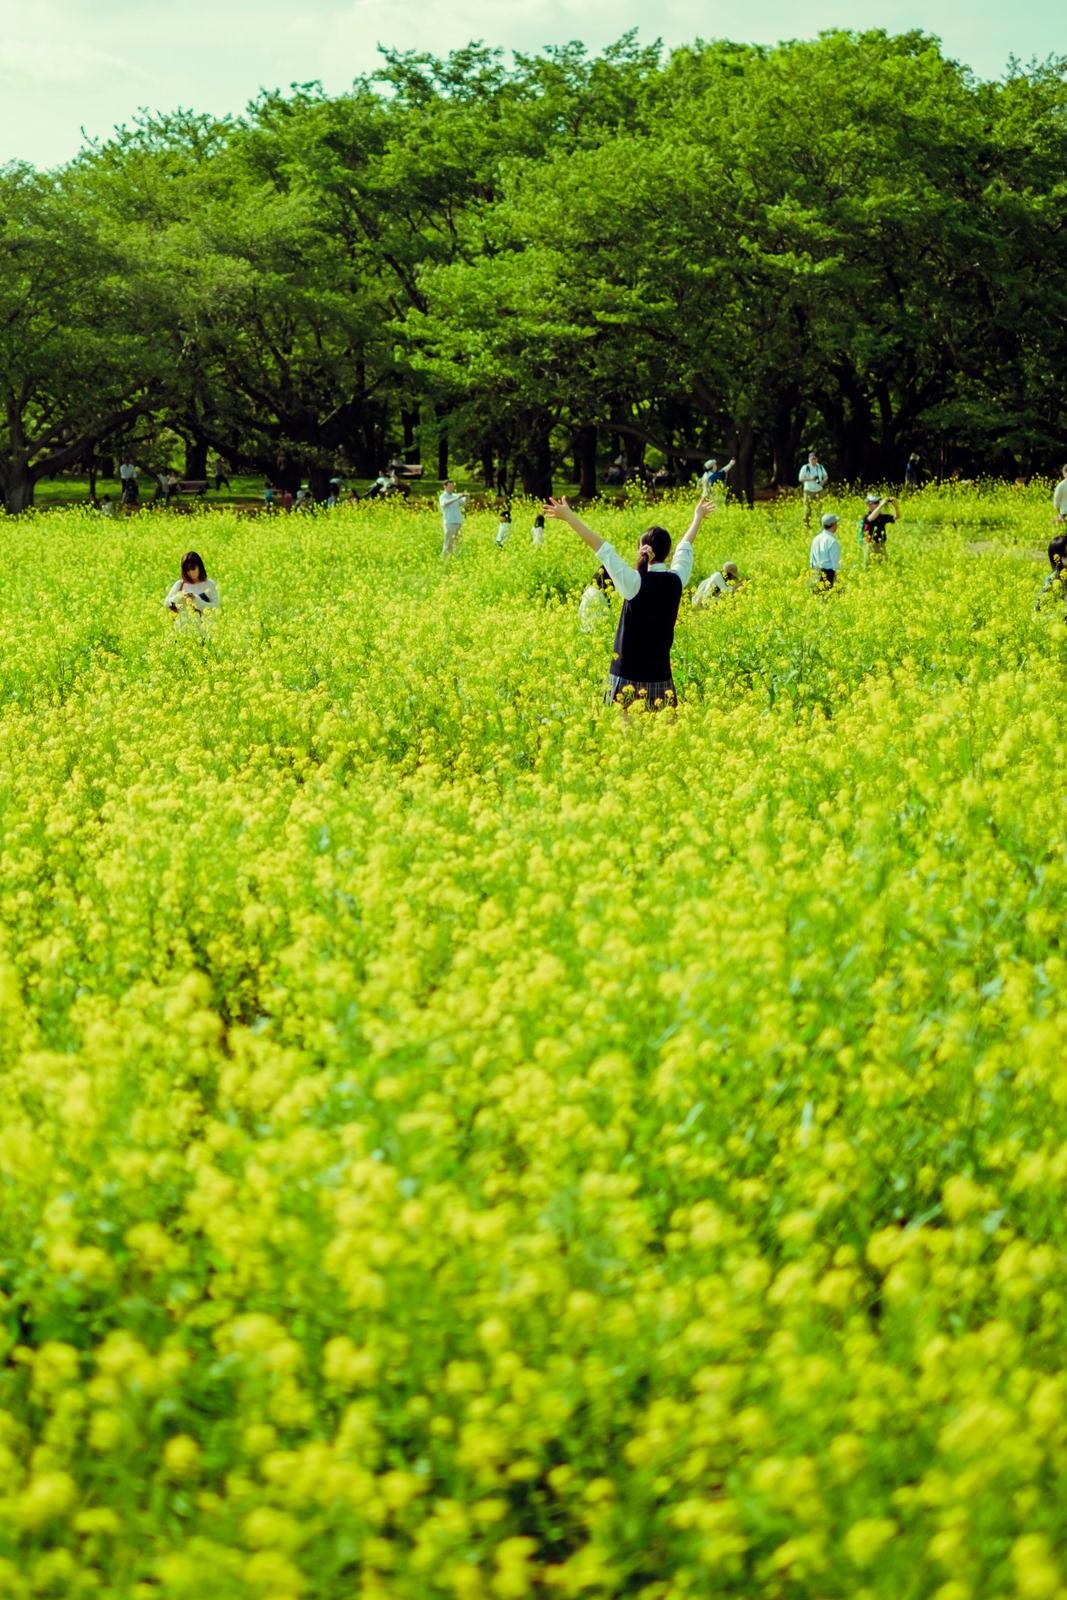 満開の菜の花畑と楽しむ人たち満開の菜の花畑と楽しむ人たち